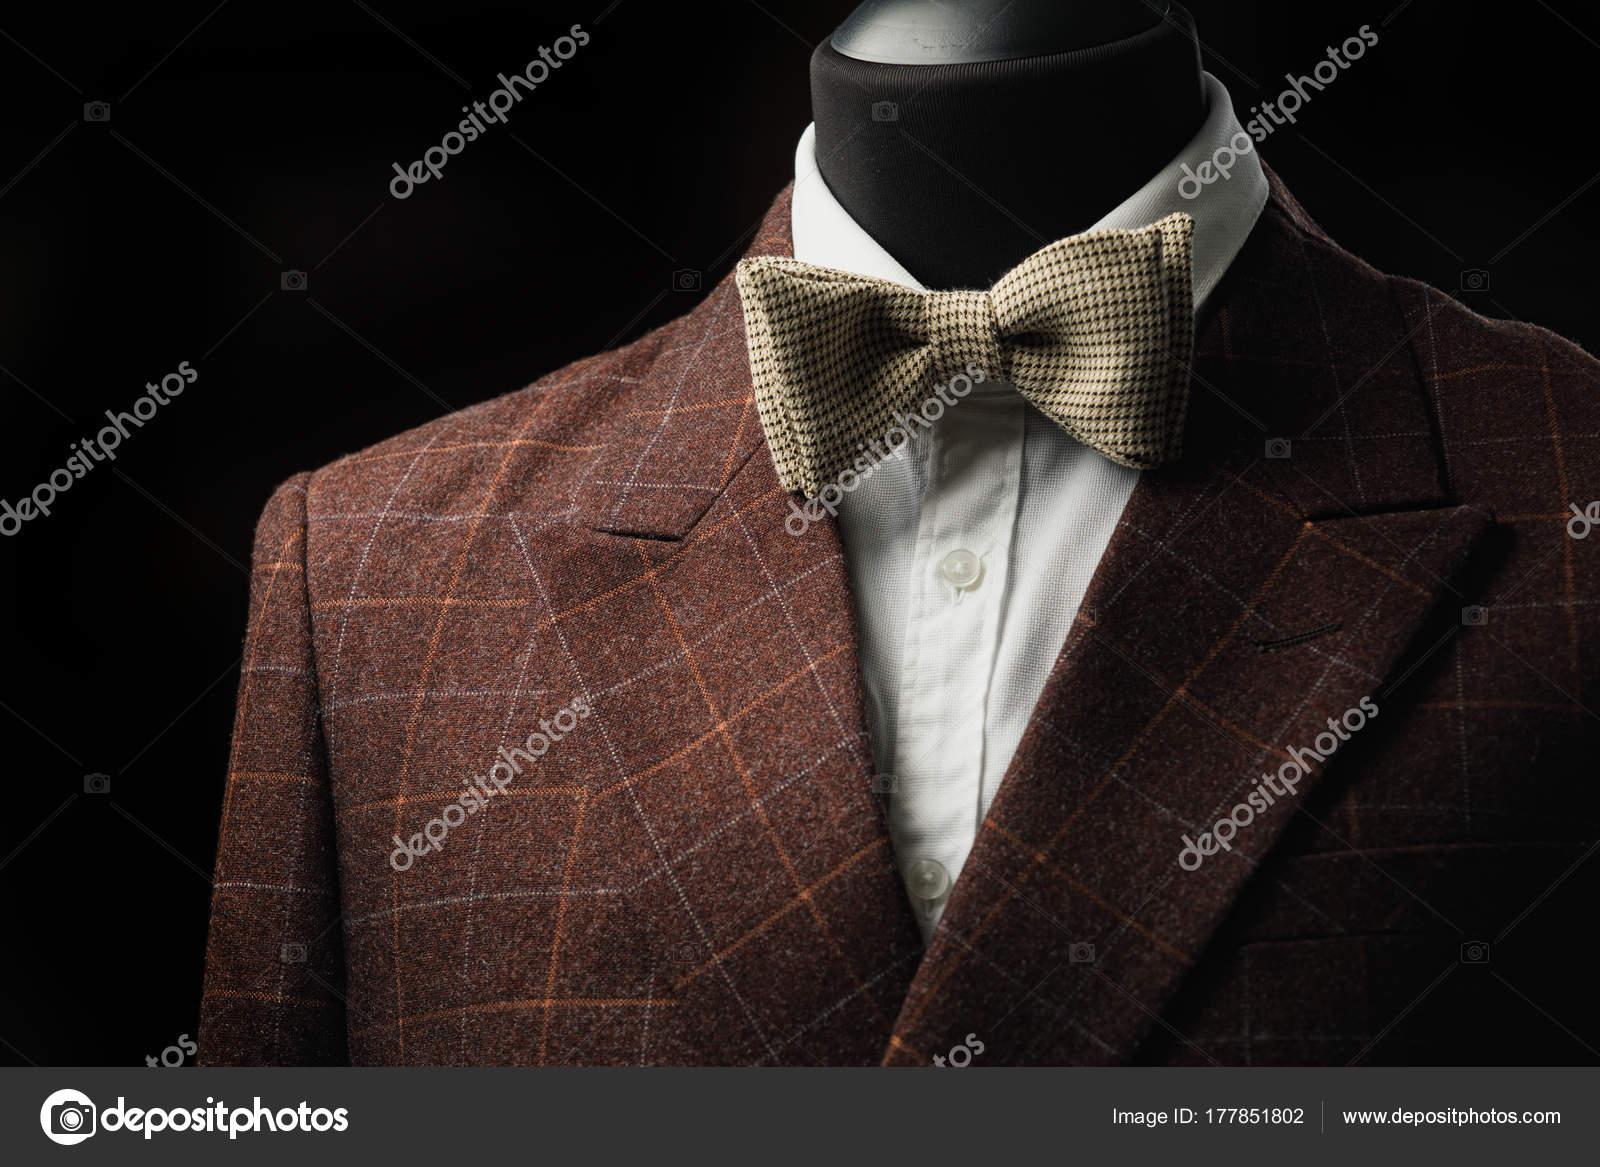 eb49054b04a8 Elegáns férfi öltöny. Férfi zakó a manöken. Férfi ruházat. Mannequins a  boutique ablakban. Ruhaüzlet. Butik vásárlás — Fotó szerzőtől ...